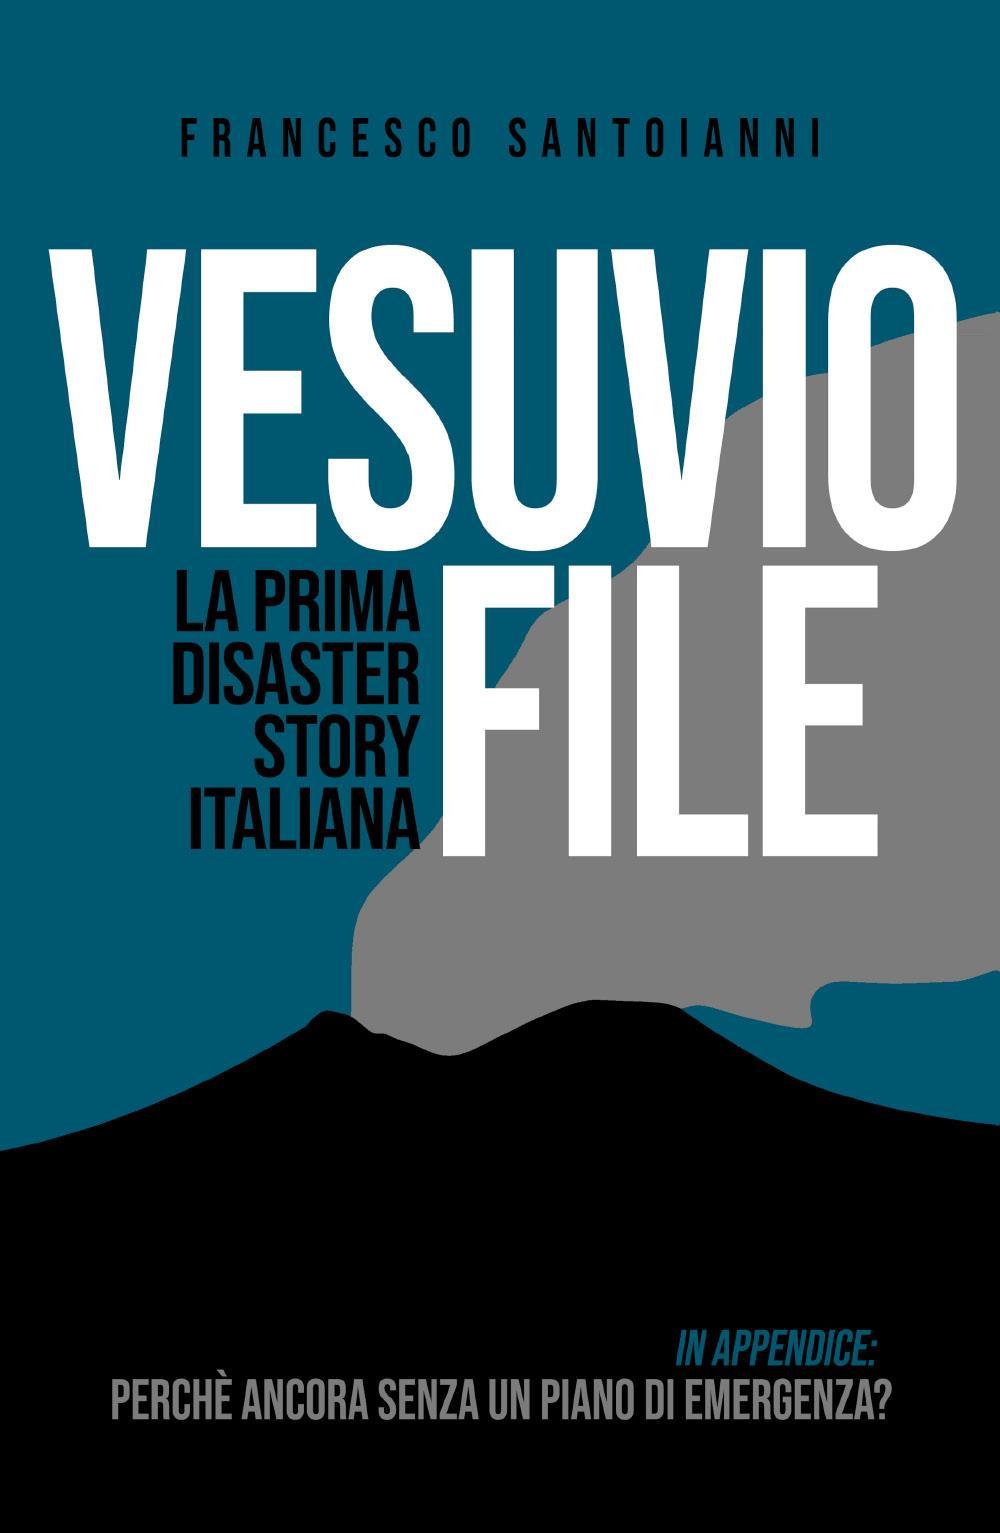 Vesuvio File - La prima Disaster Story italiana